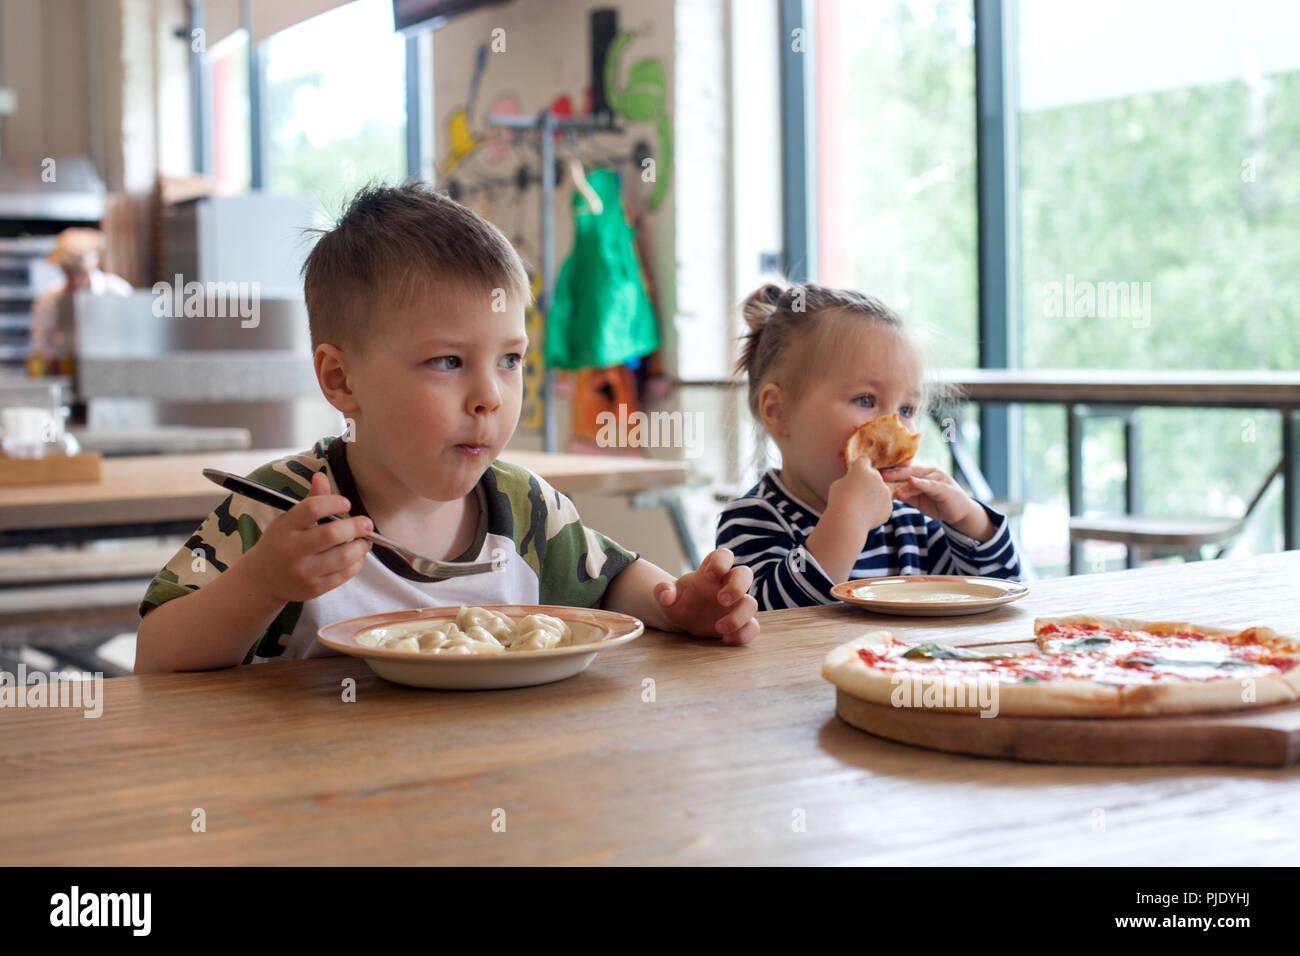 Los niños comen pizza y dumplings de carne en el café. Los niños que comen alimentos poco sanos en interiores. Los hermanos en la cafetería, el concepto de vacaciones de la familia. Foto de stock